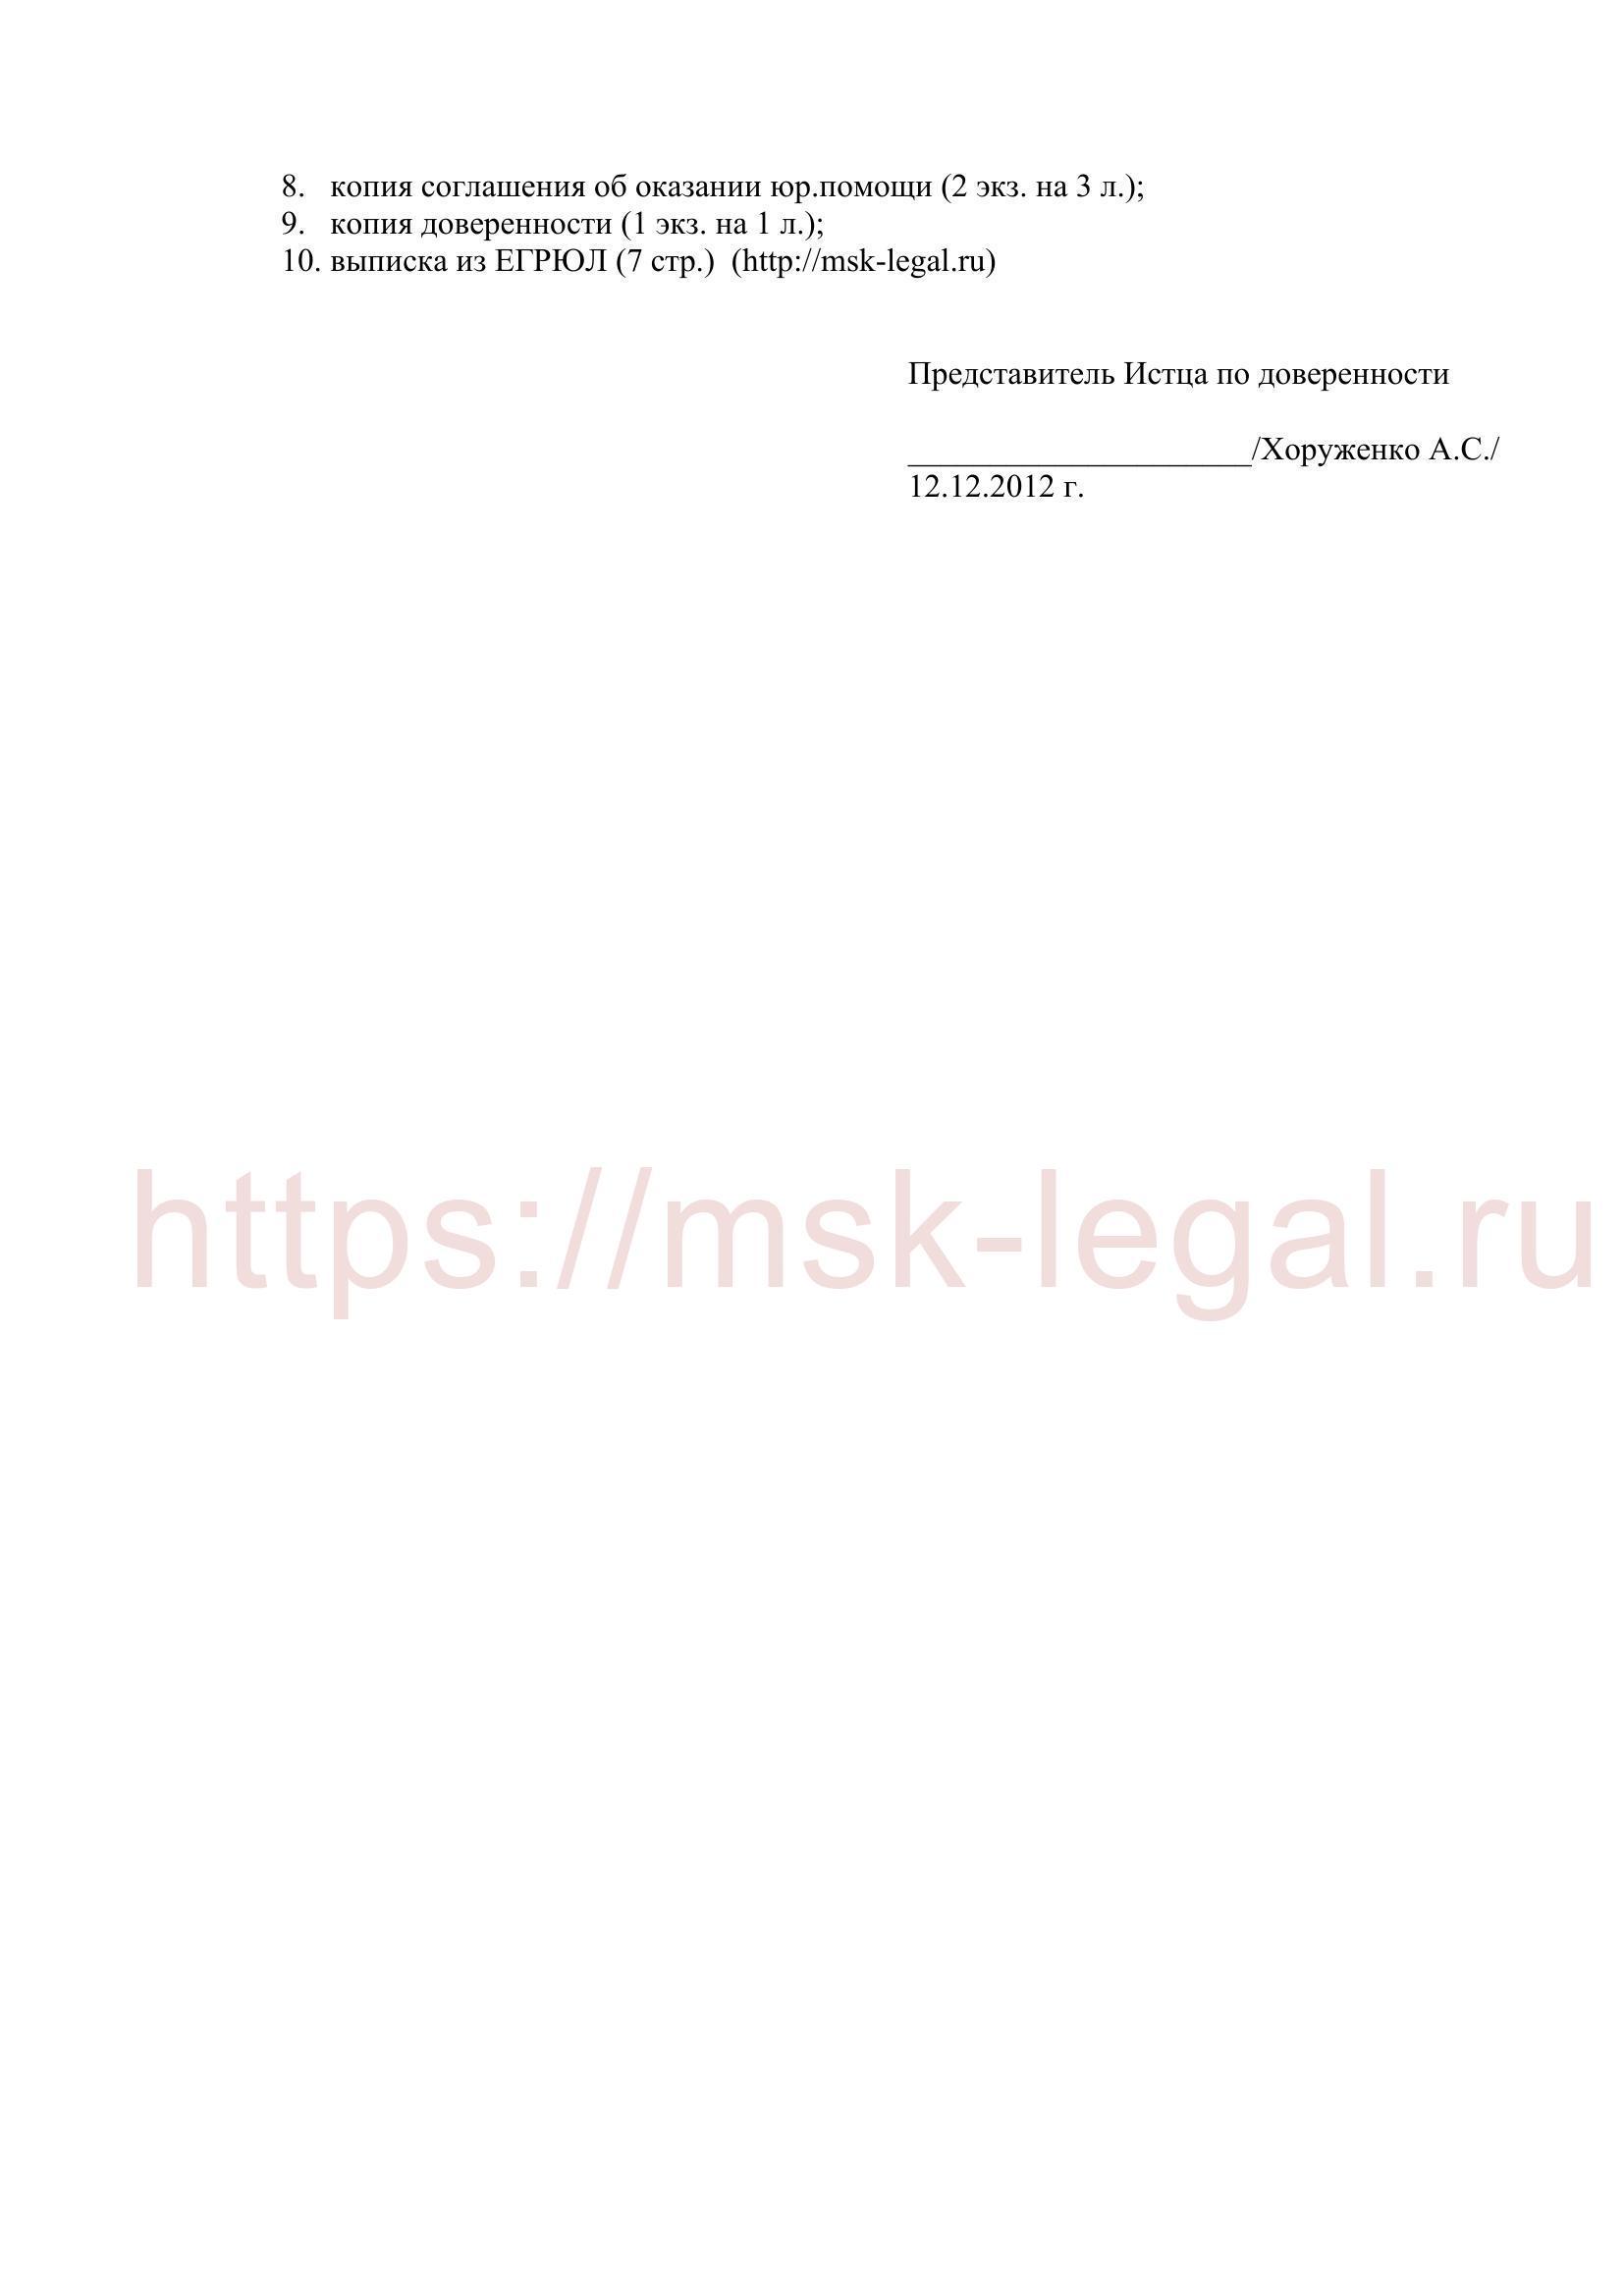 Иск по суду с турфирмой